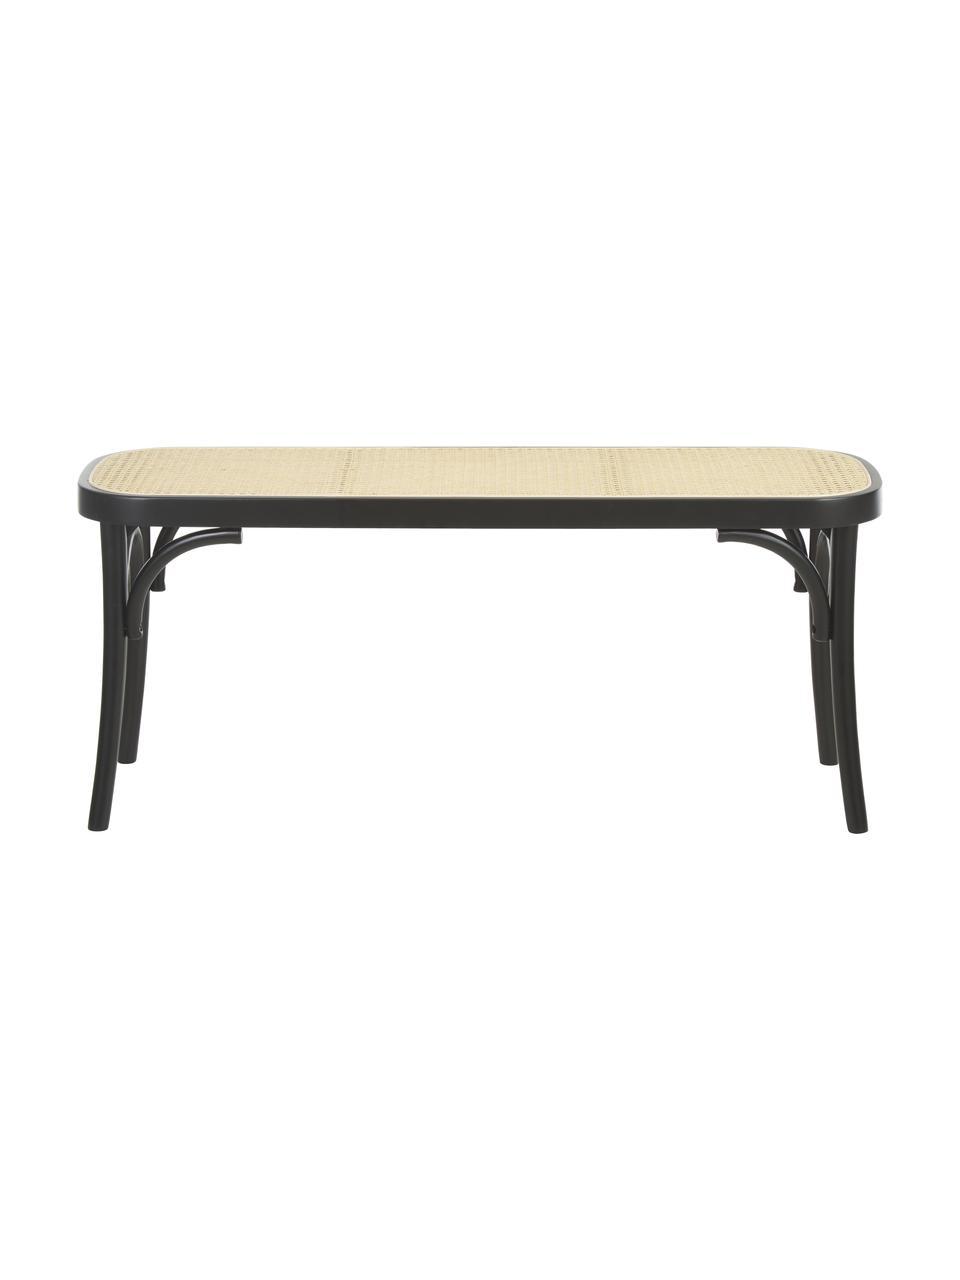 Sitzbank Franz mit Wiener Geflecht, Sitzfläche: Rattan, Gestell: Buchenholz, massiv, Schwarzes Holz, 110 x 47 cm